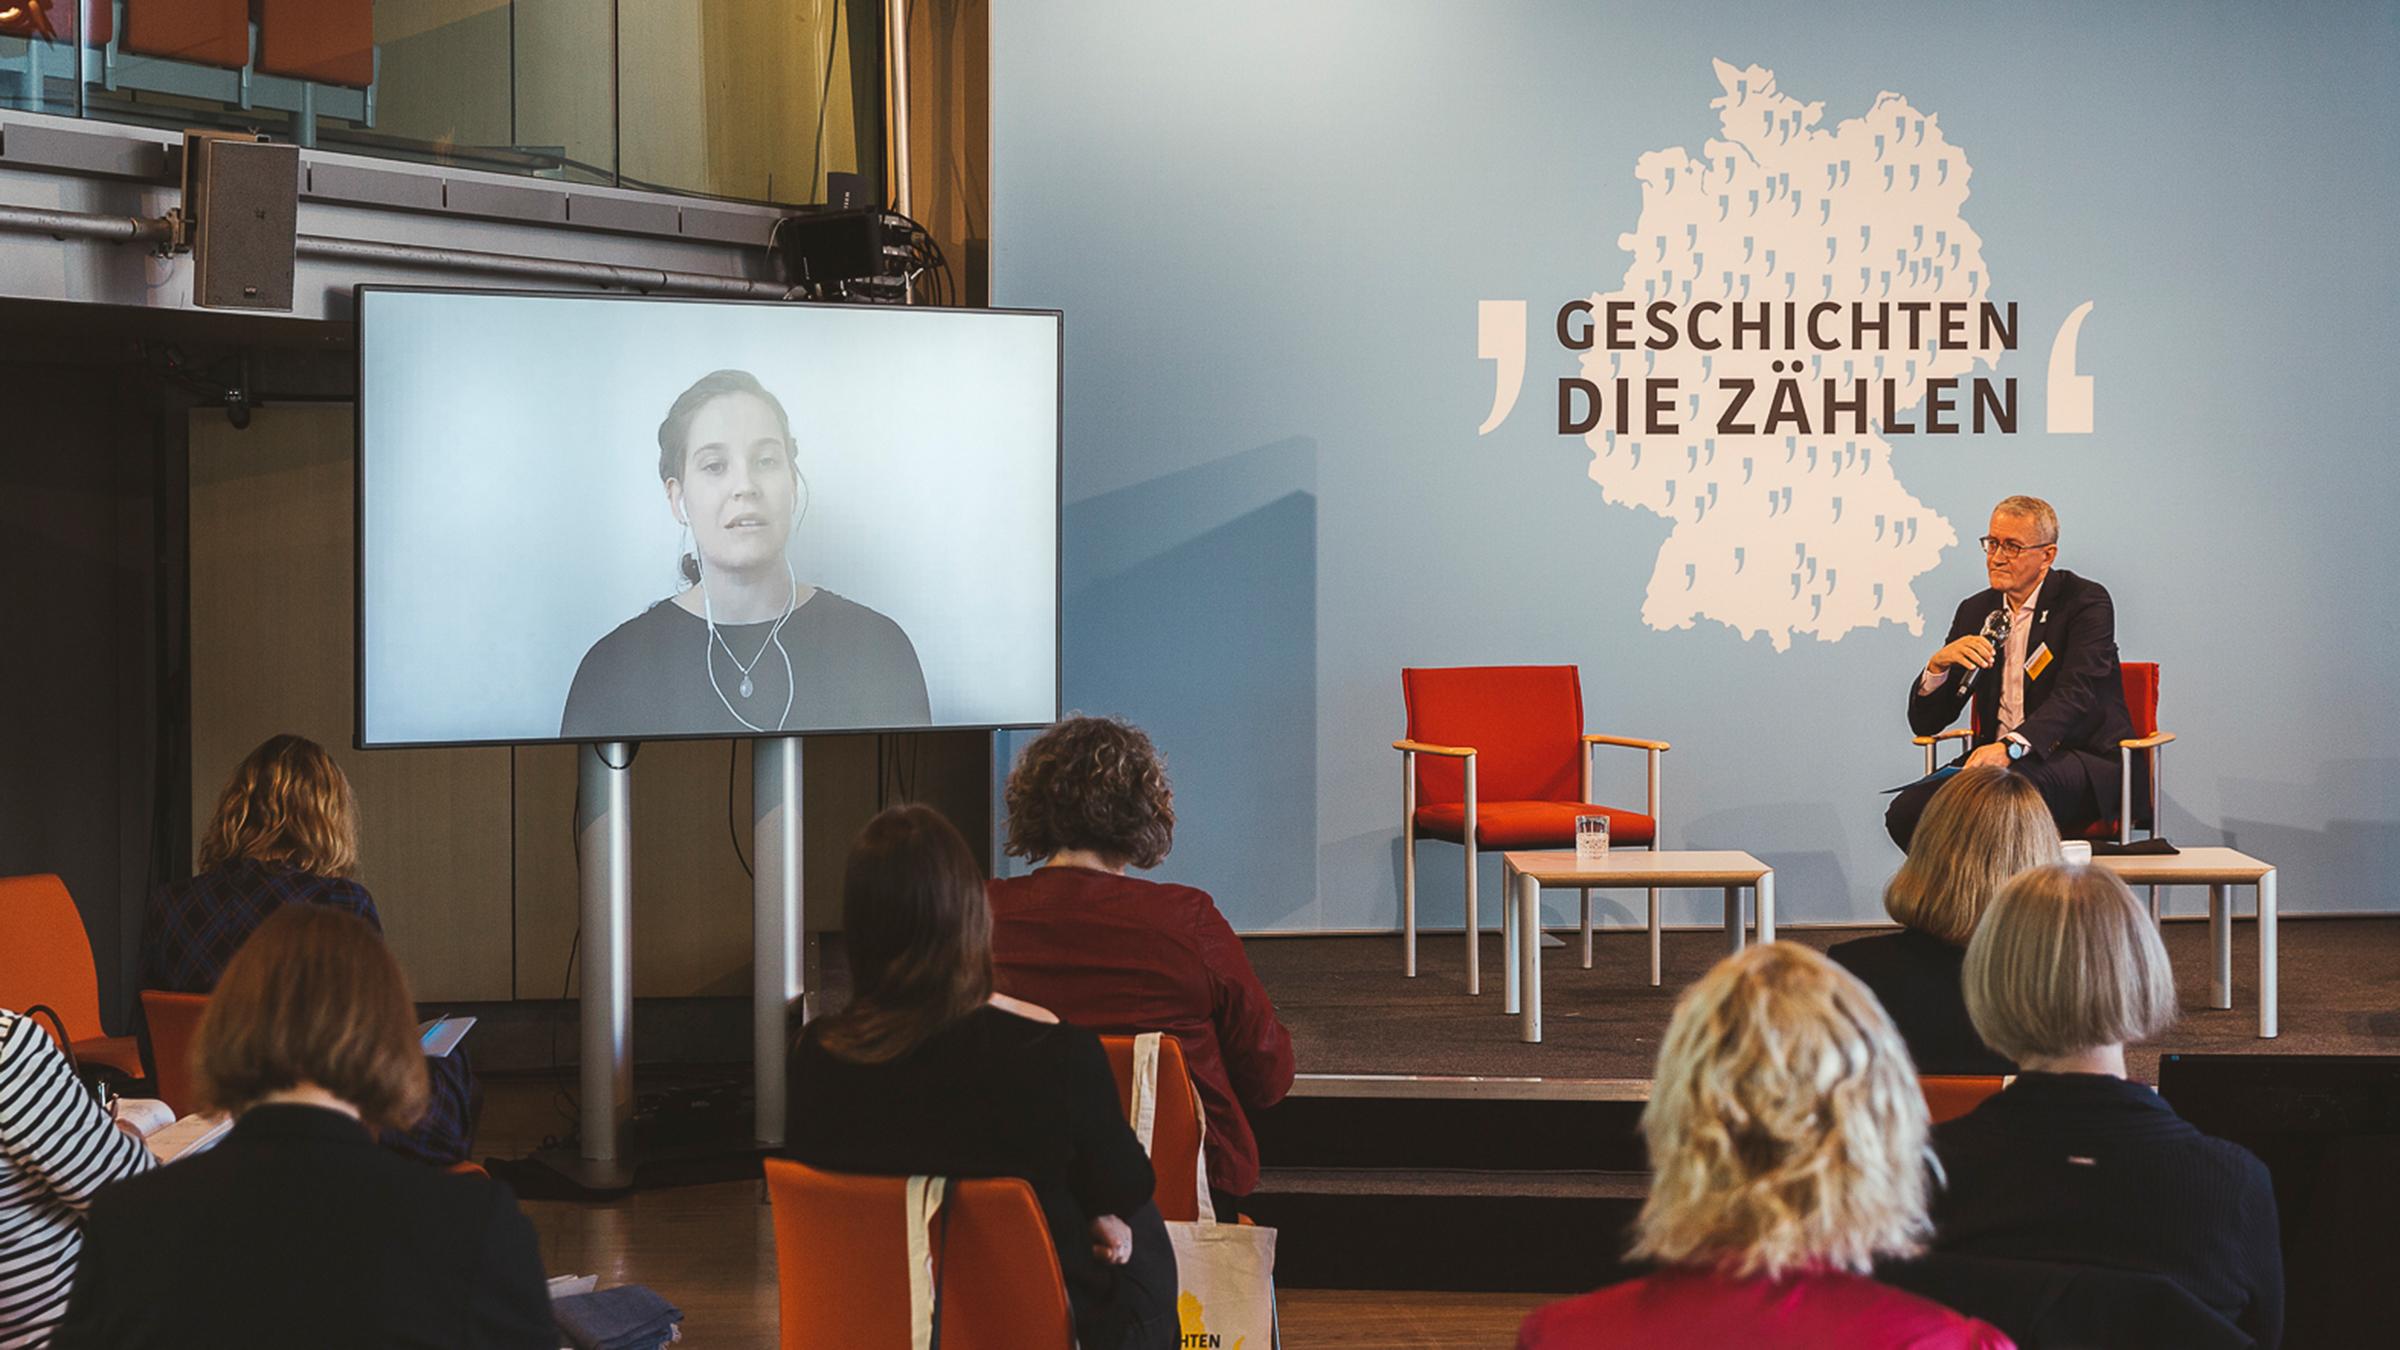 Ein Mann sitzt auf einem Podium und spricht mit einer Frau, auf einem Bildschirm.